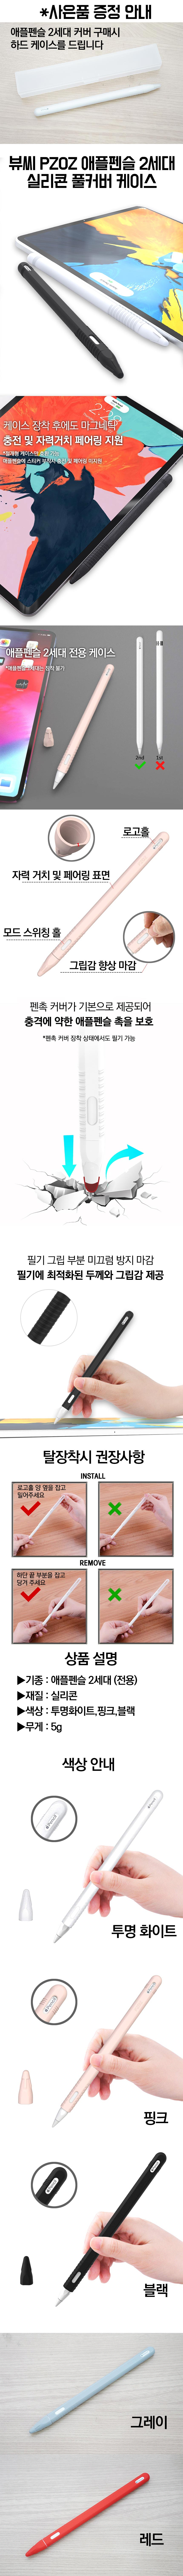 PZOZ 애플펜슬 2세대 실리콘 커버 홀더 - 뷰씨, 18,900원, 케이스, 아이패드/미니